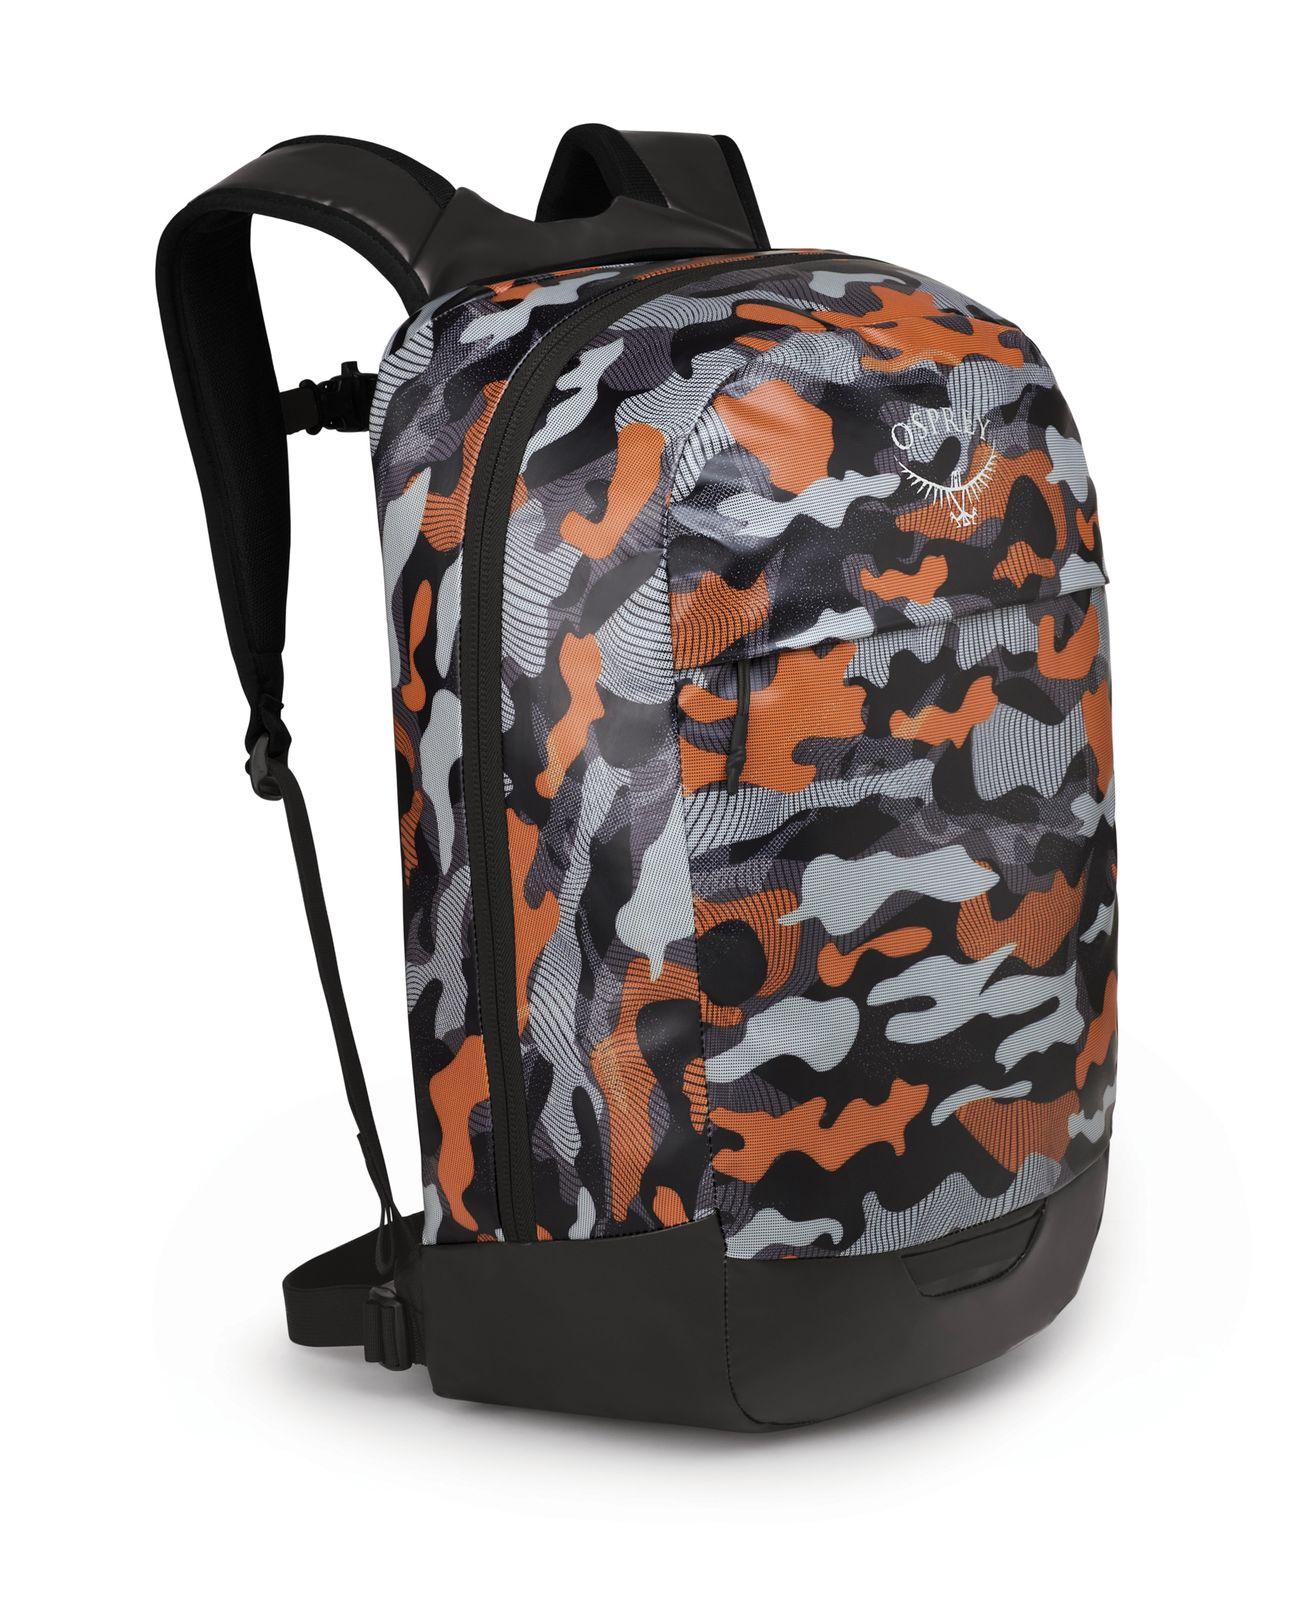 Osprey Transporter Panel Loader Black / Orange Camo